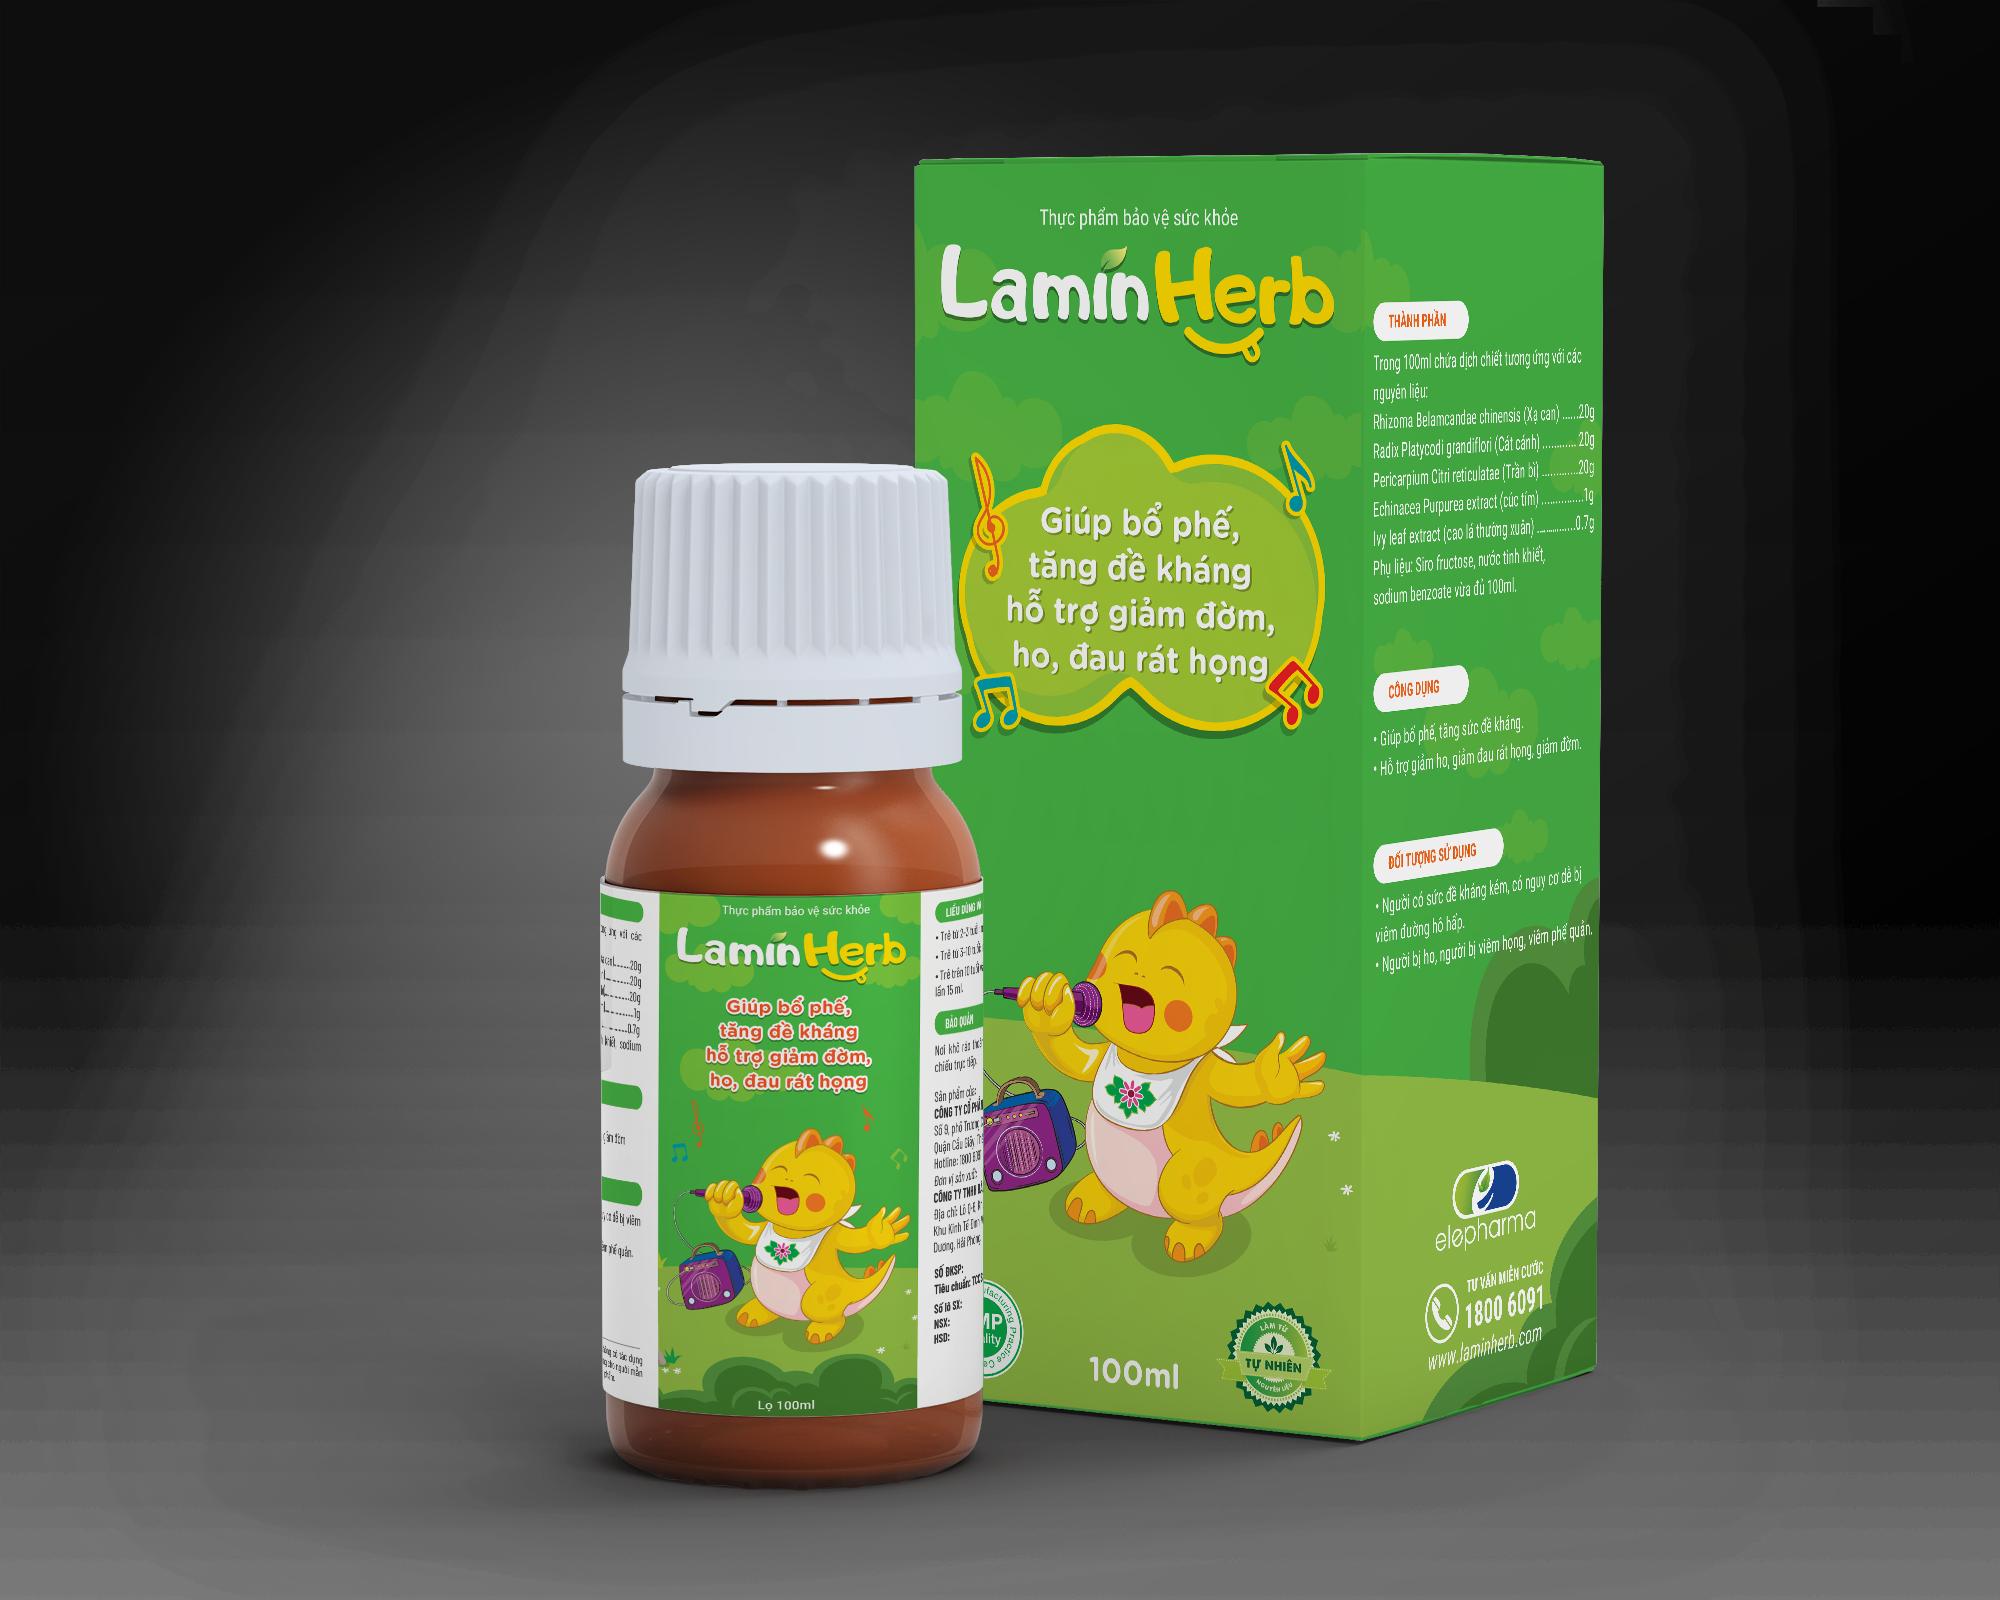 TPBVSK - Lamin Herb